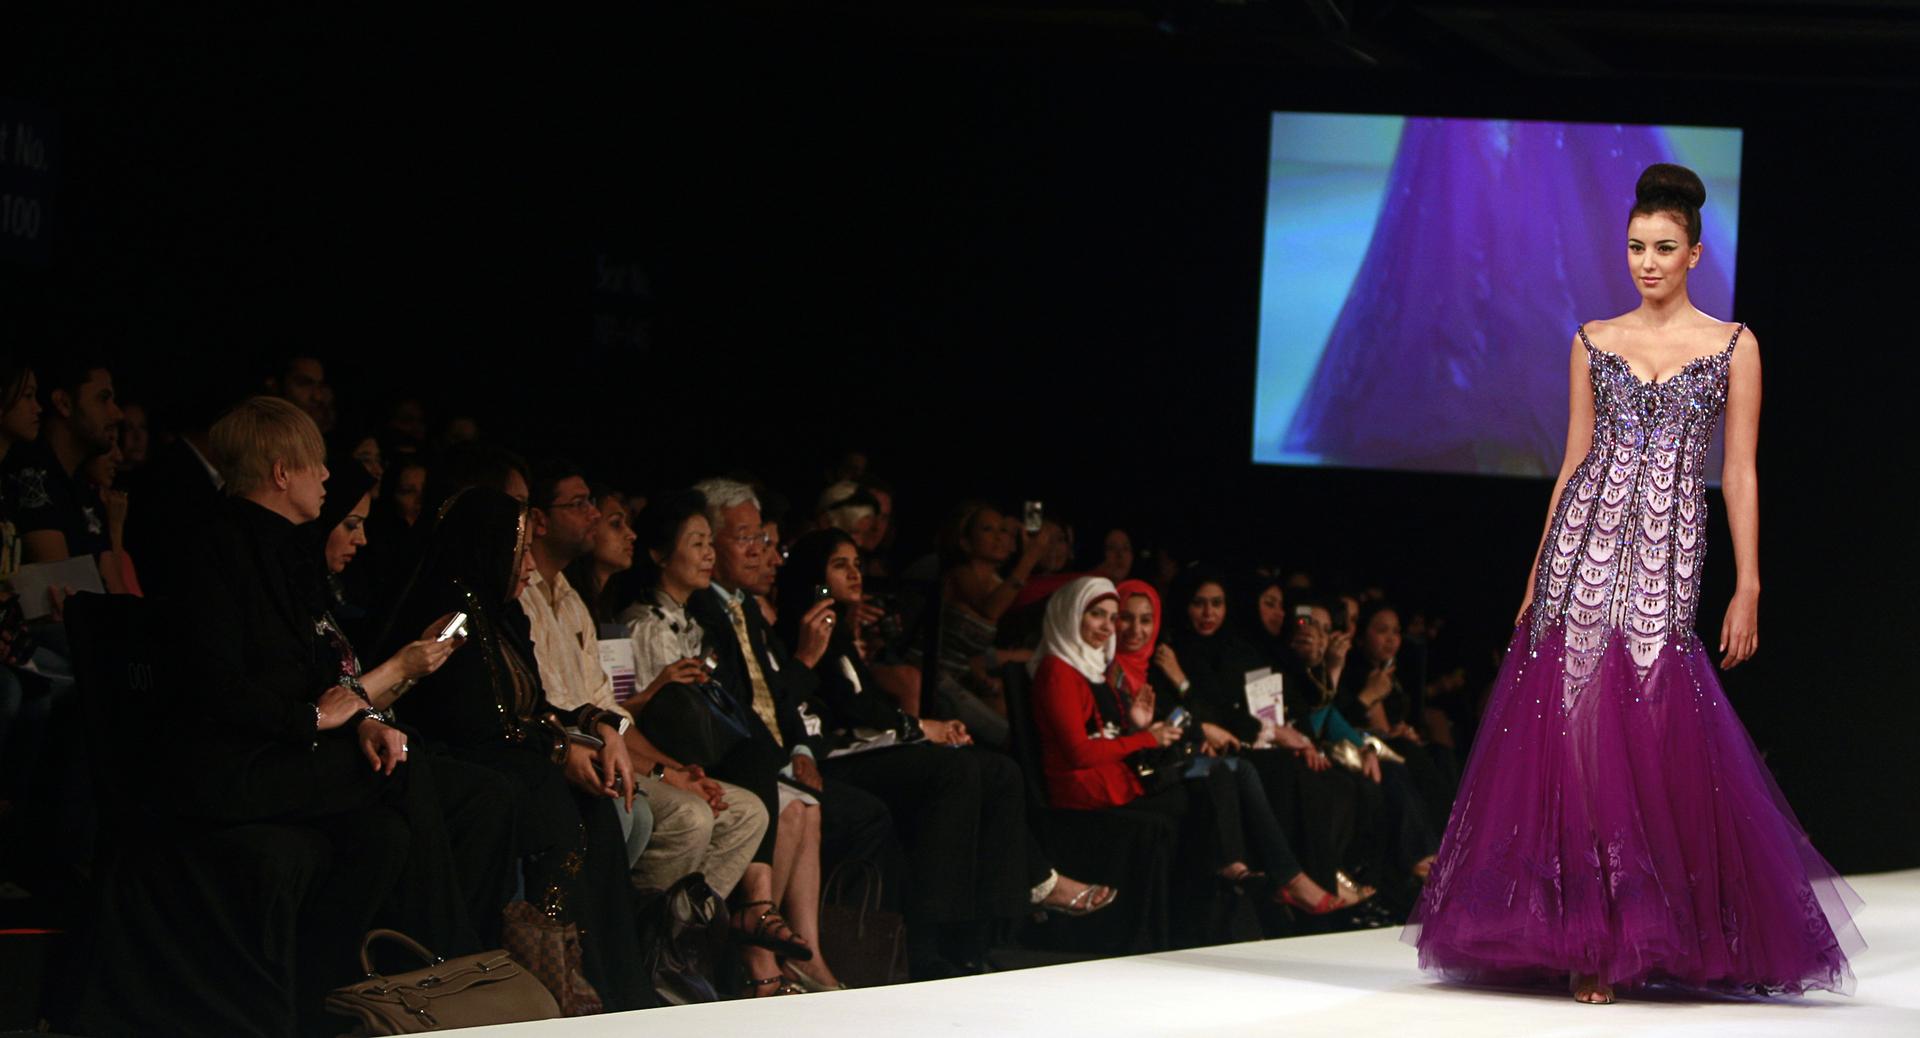 عرض أزياء في دبي، تعبيرية من الأرشيف